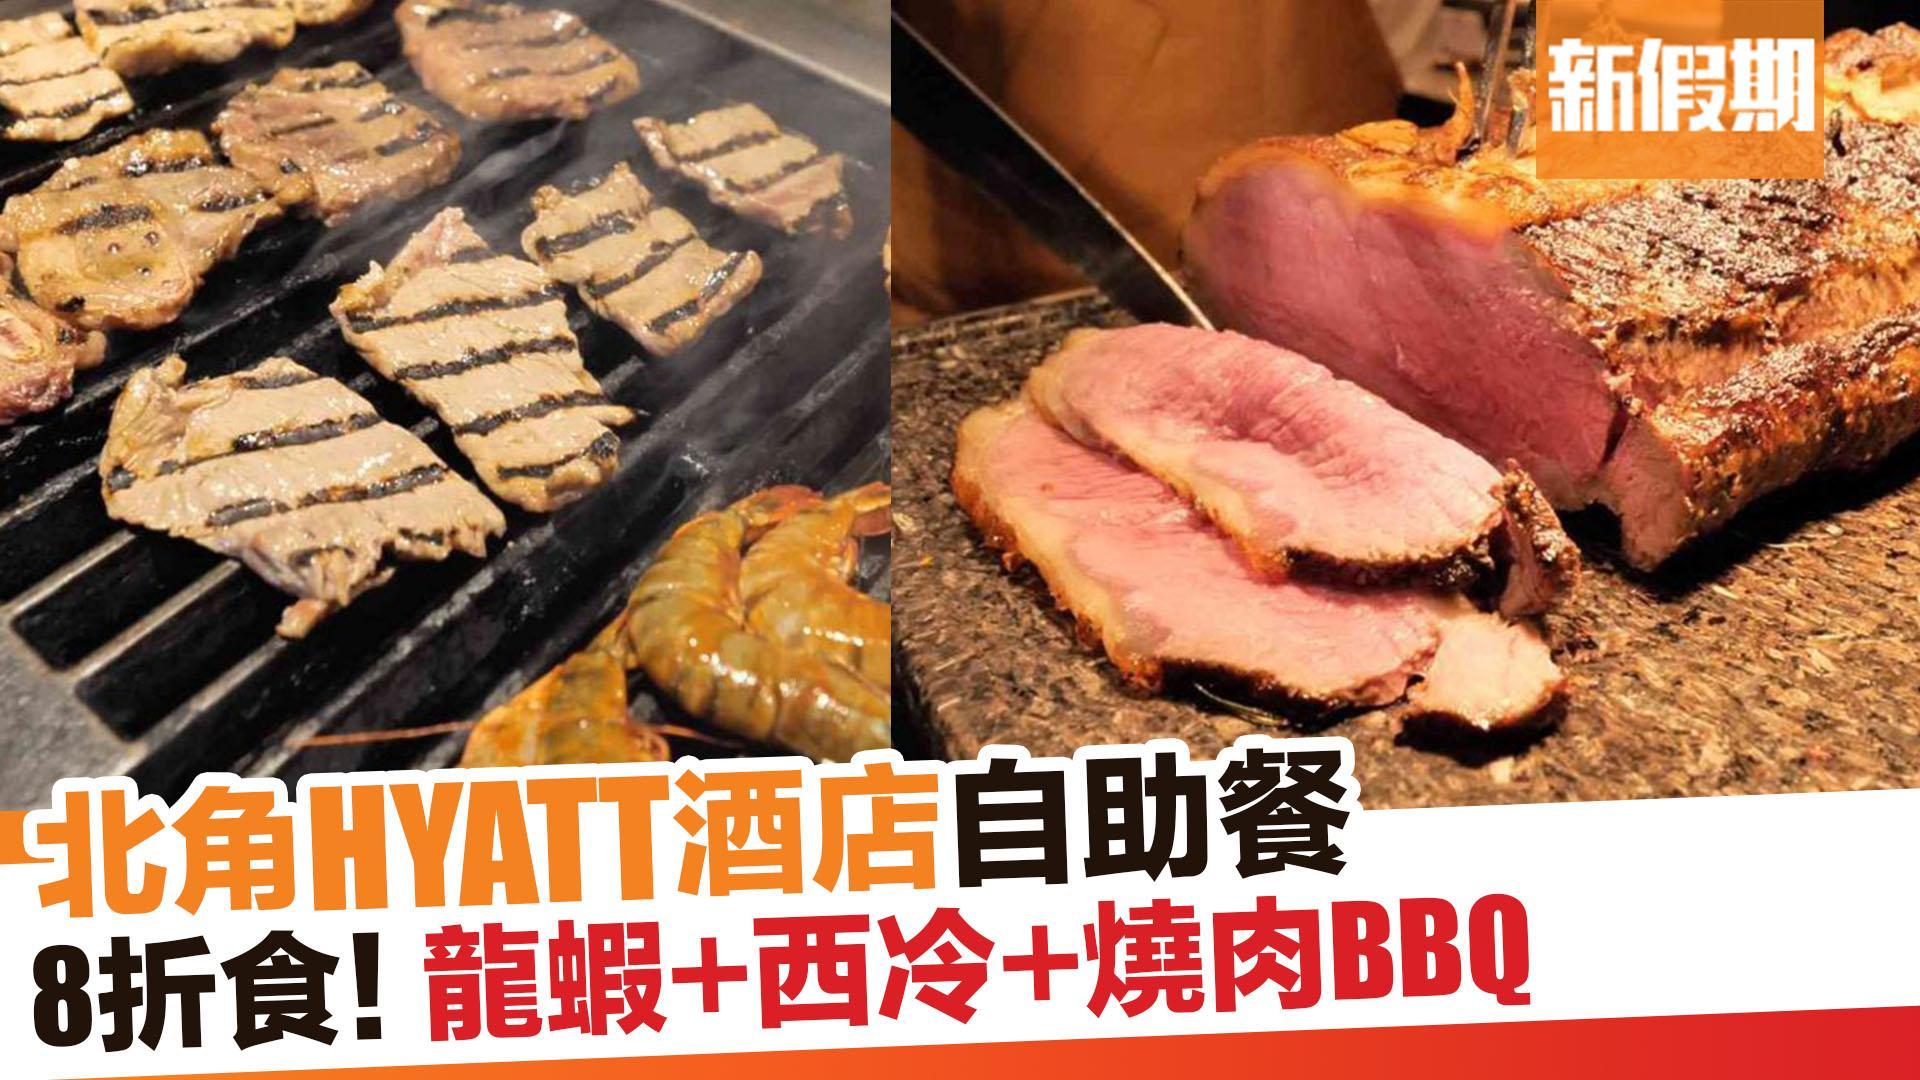 【自助餐我要】北角維港凱悅尚萃酒店8折食韓風主題自助餐!|新假期